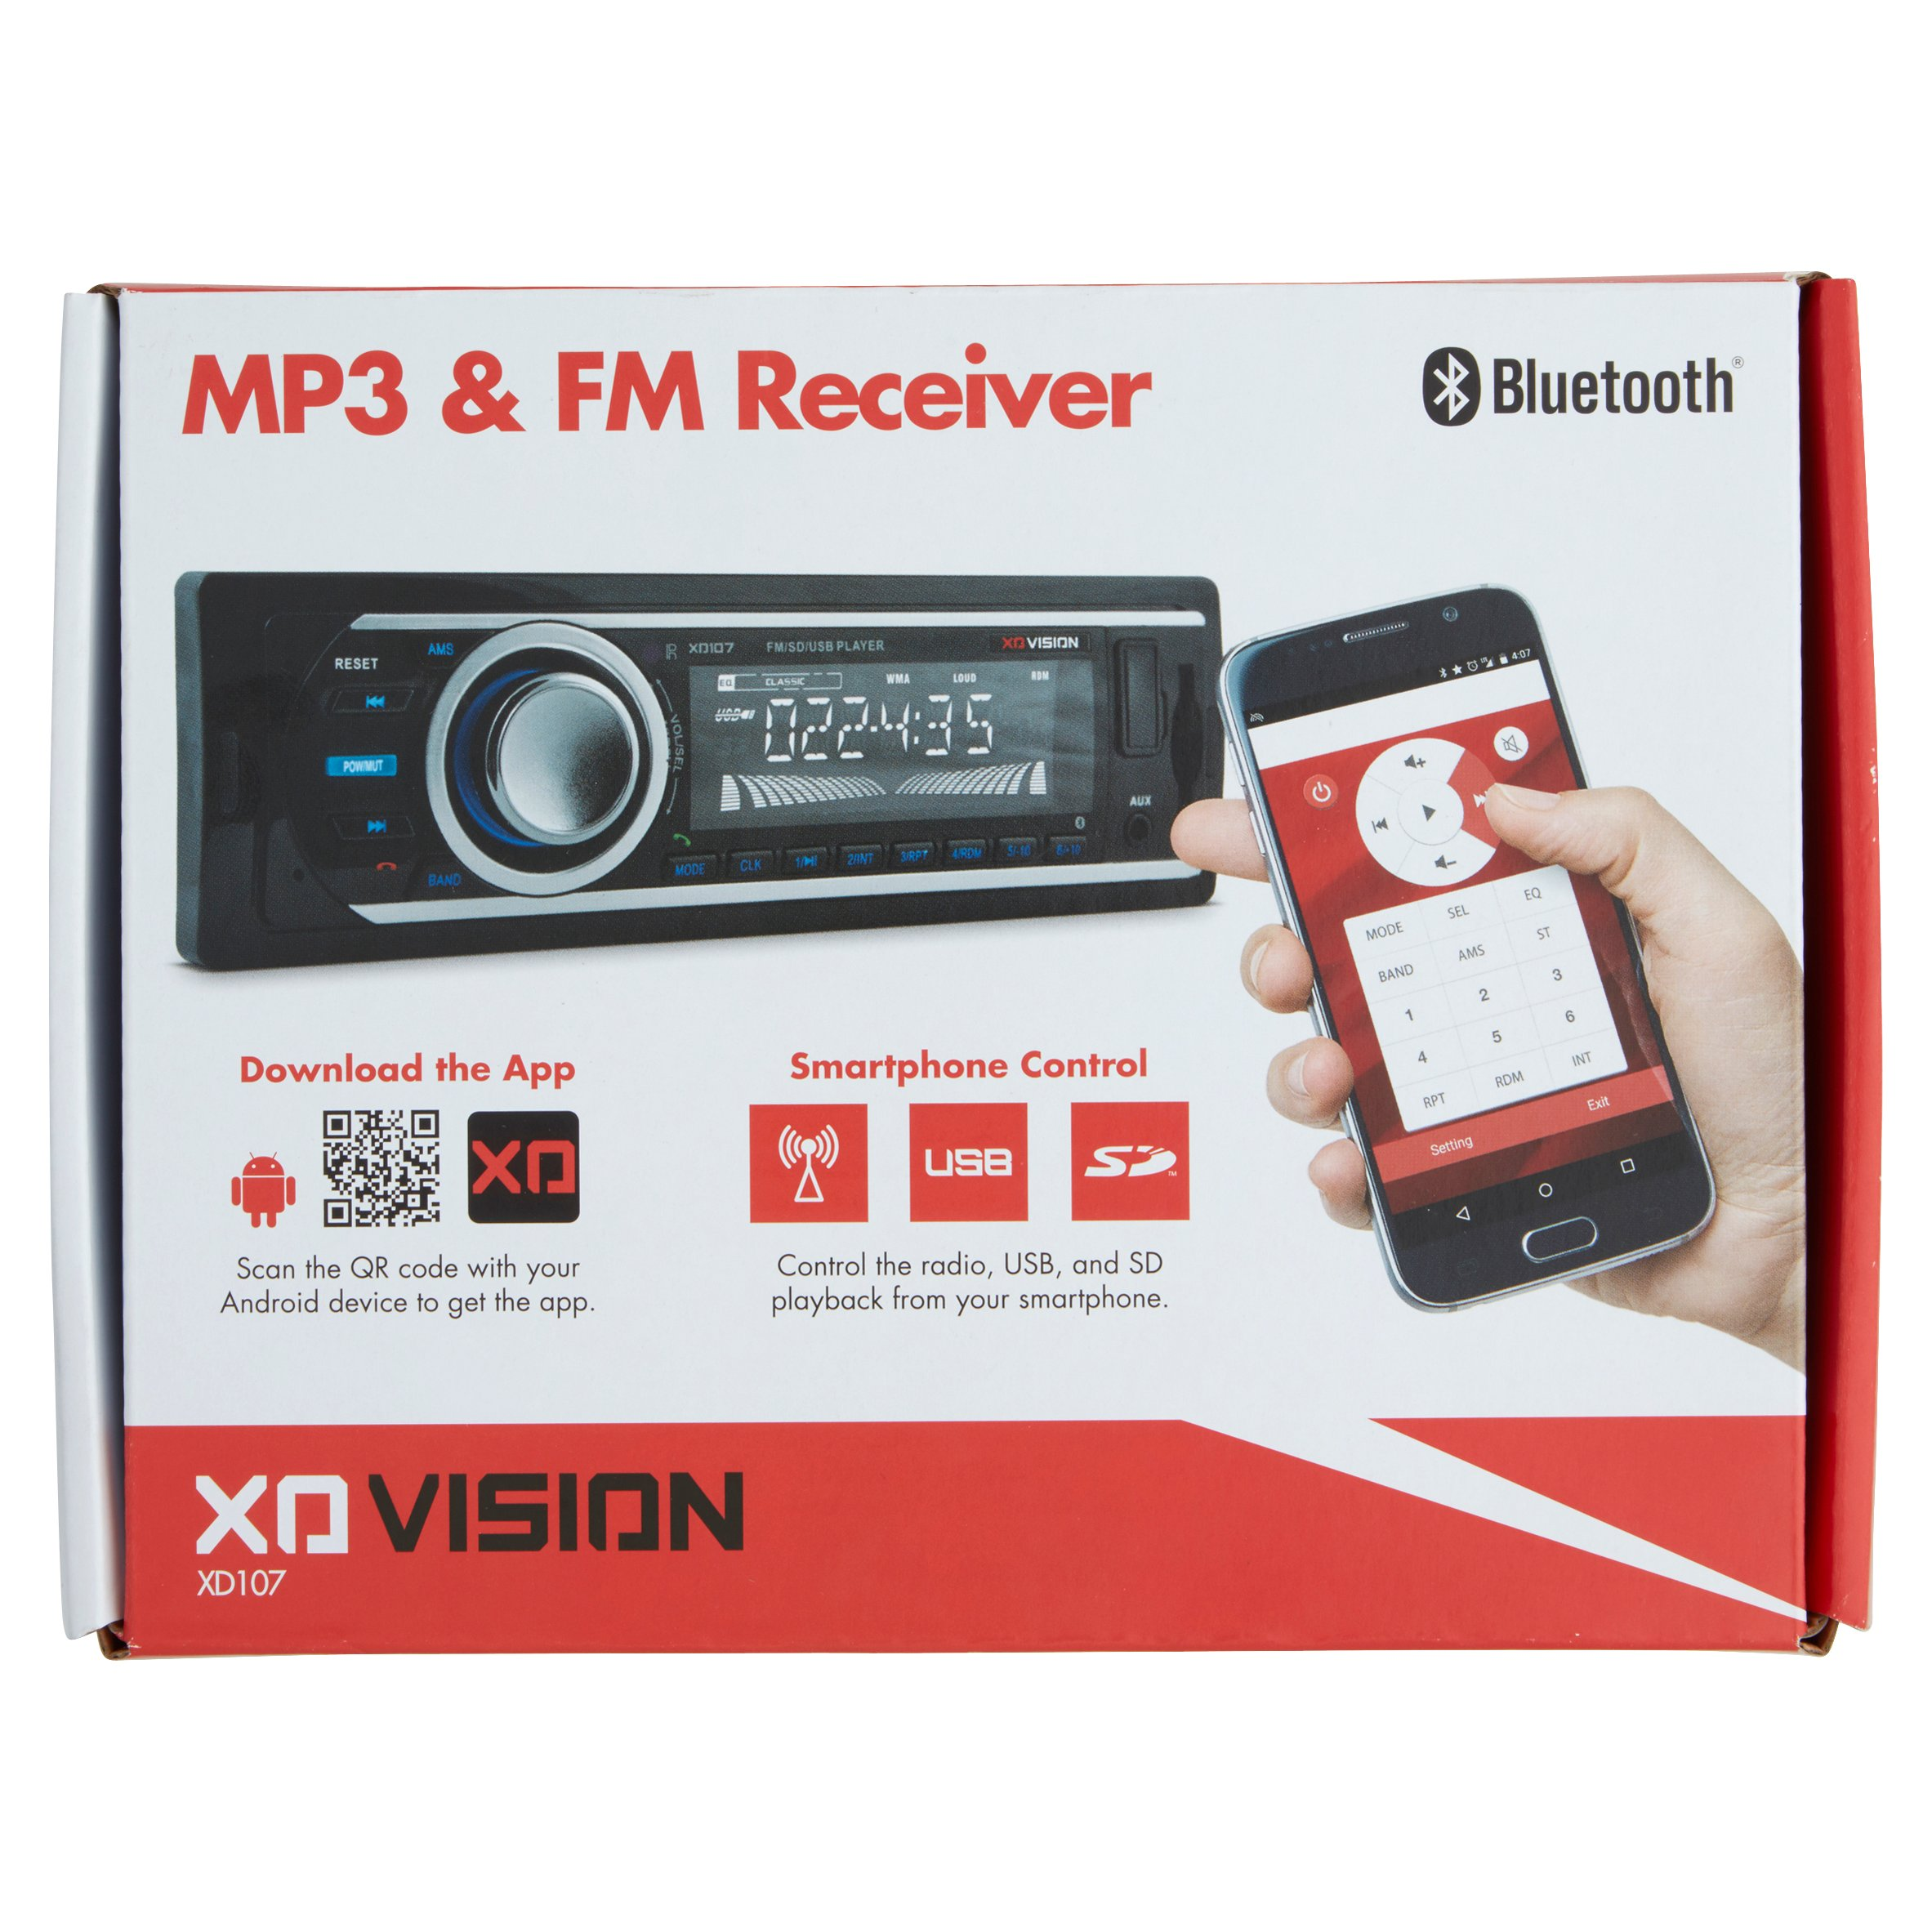 ccfb70b7 f2b6 420e bea8 573376b1b21c_1.f043c1c3b66b57fd9e89ebe67154bc78 xo vision mp3 & fm receiver walmart com